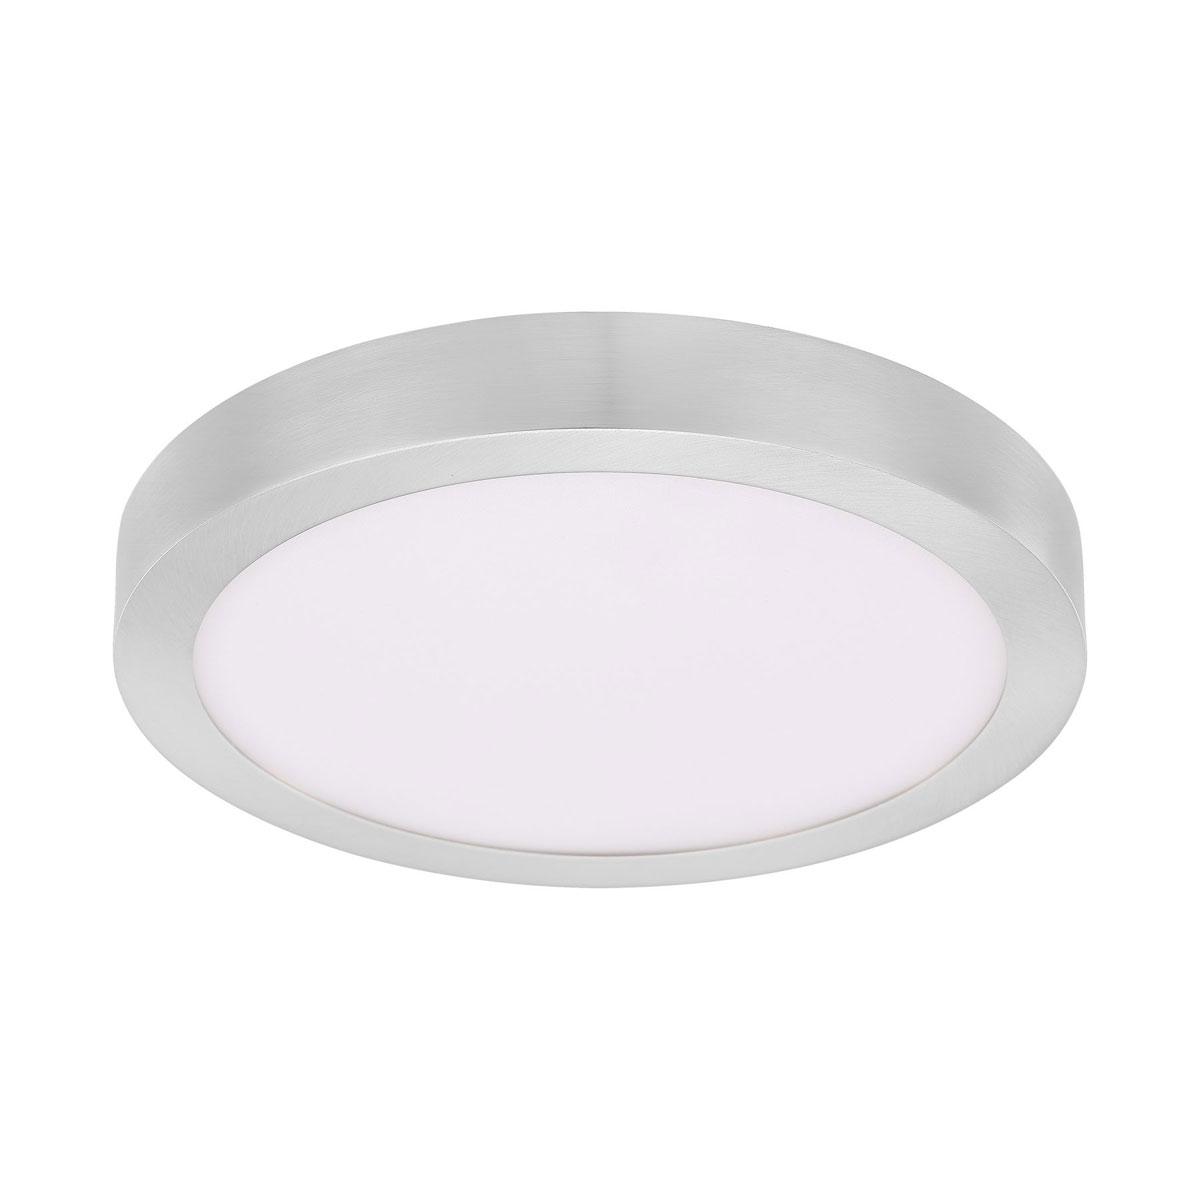 """Deckenleuchten - LED Deckenleuchte """"Fueva"""", Ø30cm, silber silber  - Onlineshop Hellweg"""